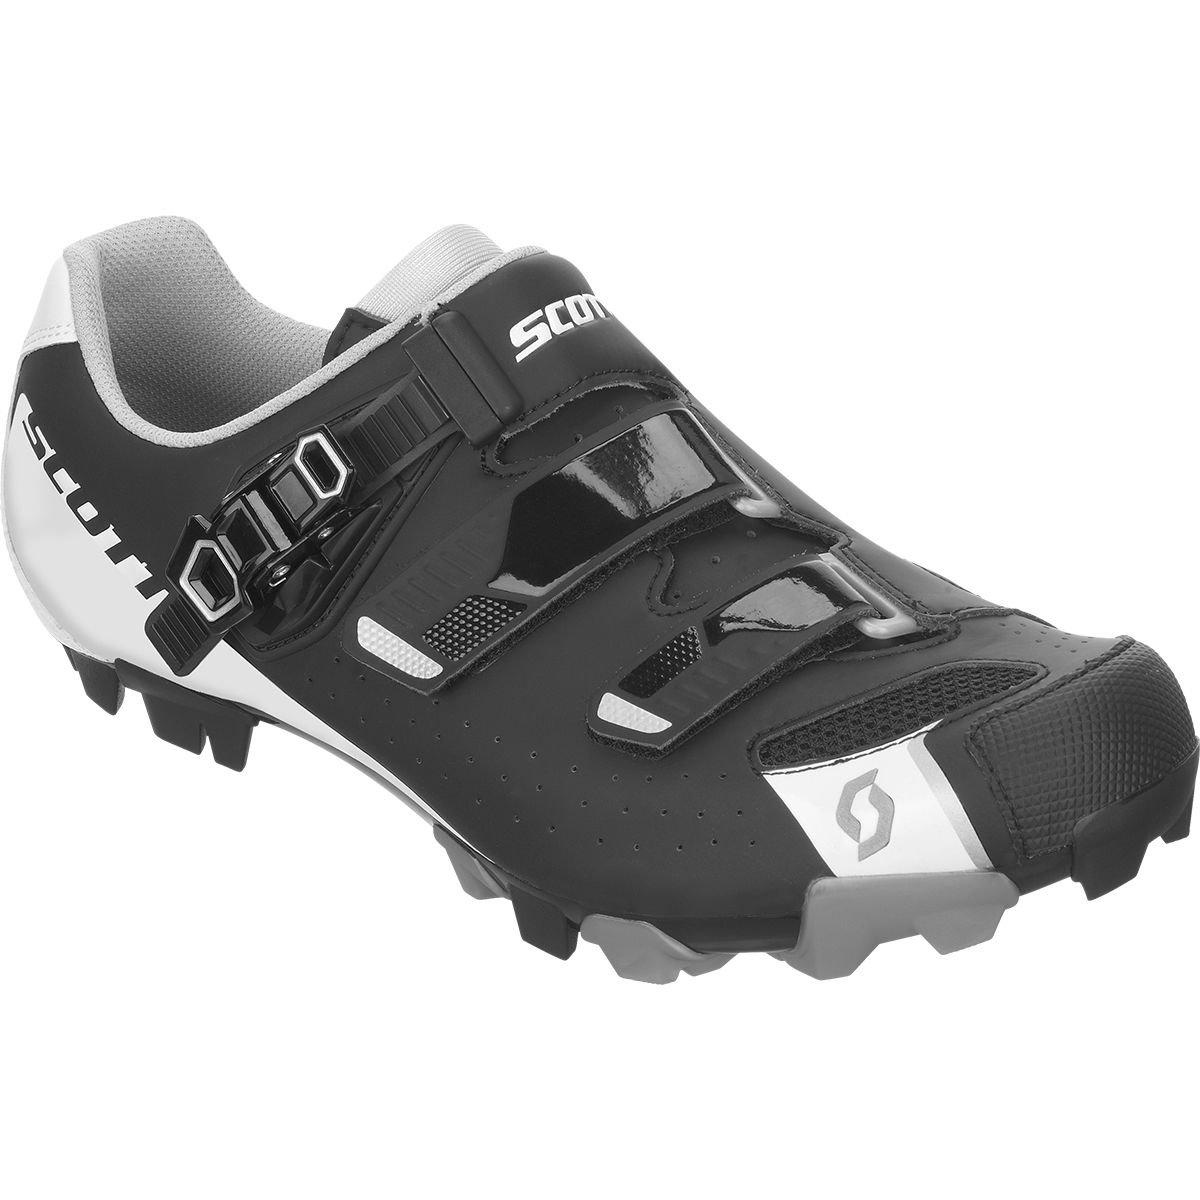 Scott MTB Pro Shoe - Men's Matt Black/Gloss White, 47.0